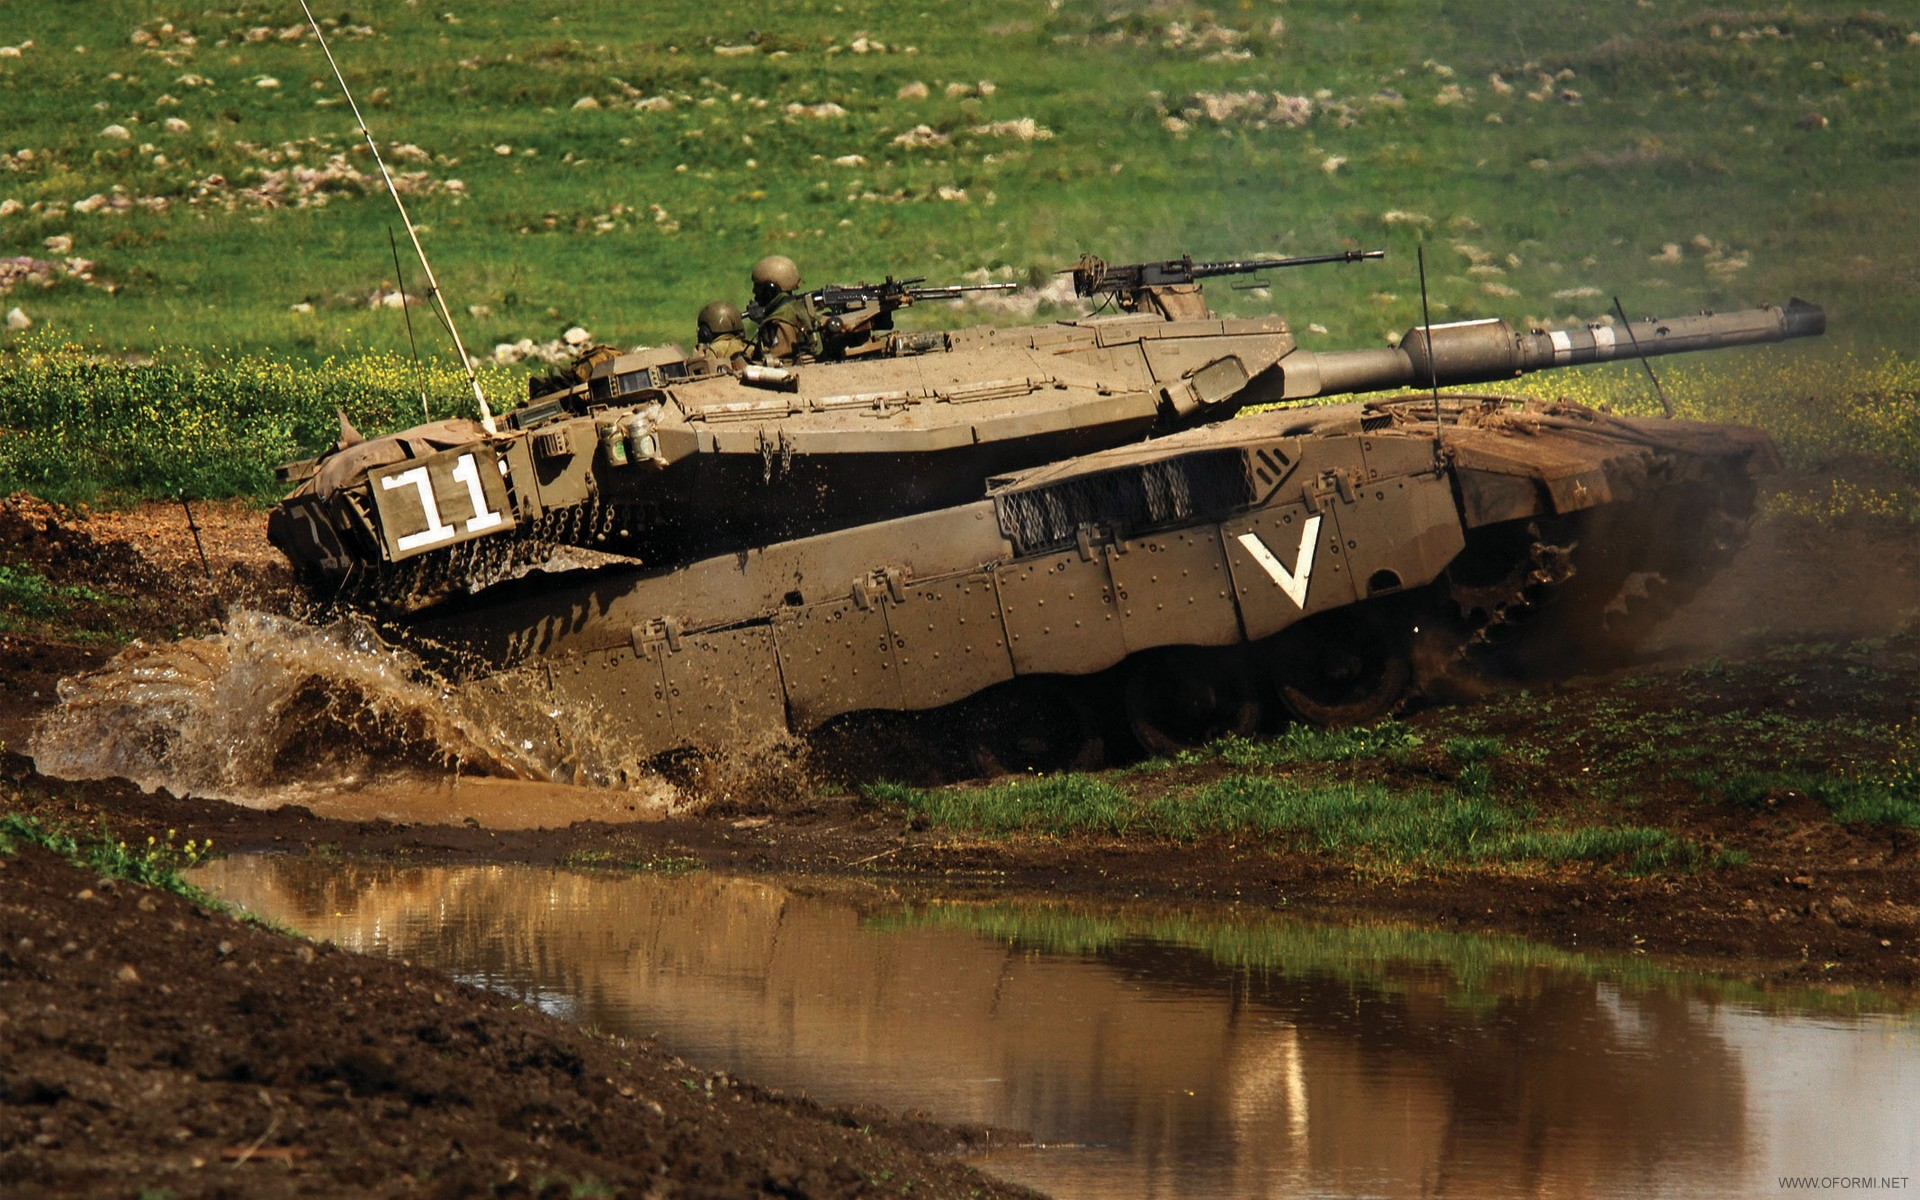 танки грязи не бояться, скачать фото, для рабочего стола